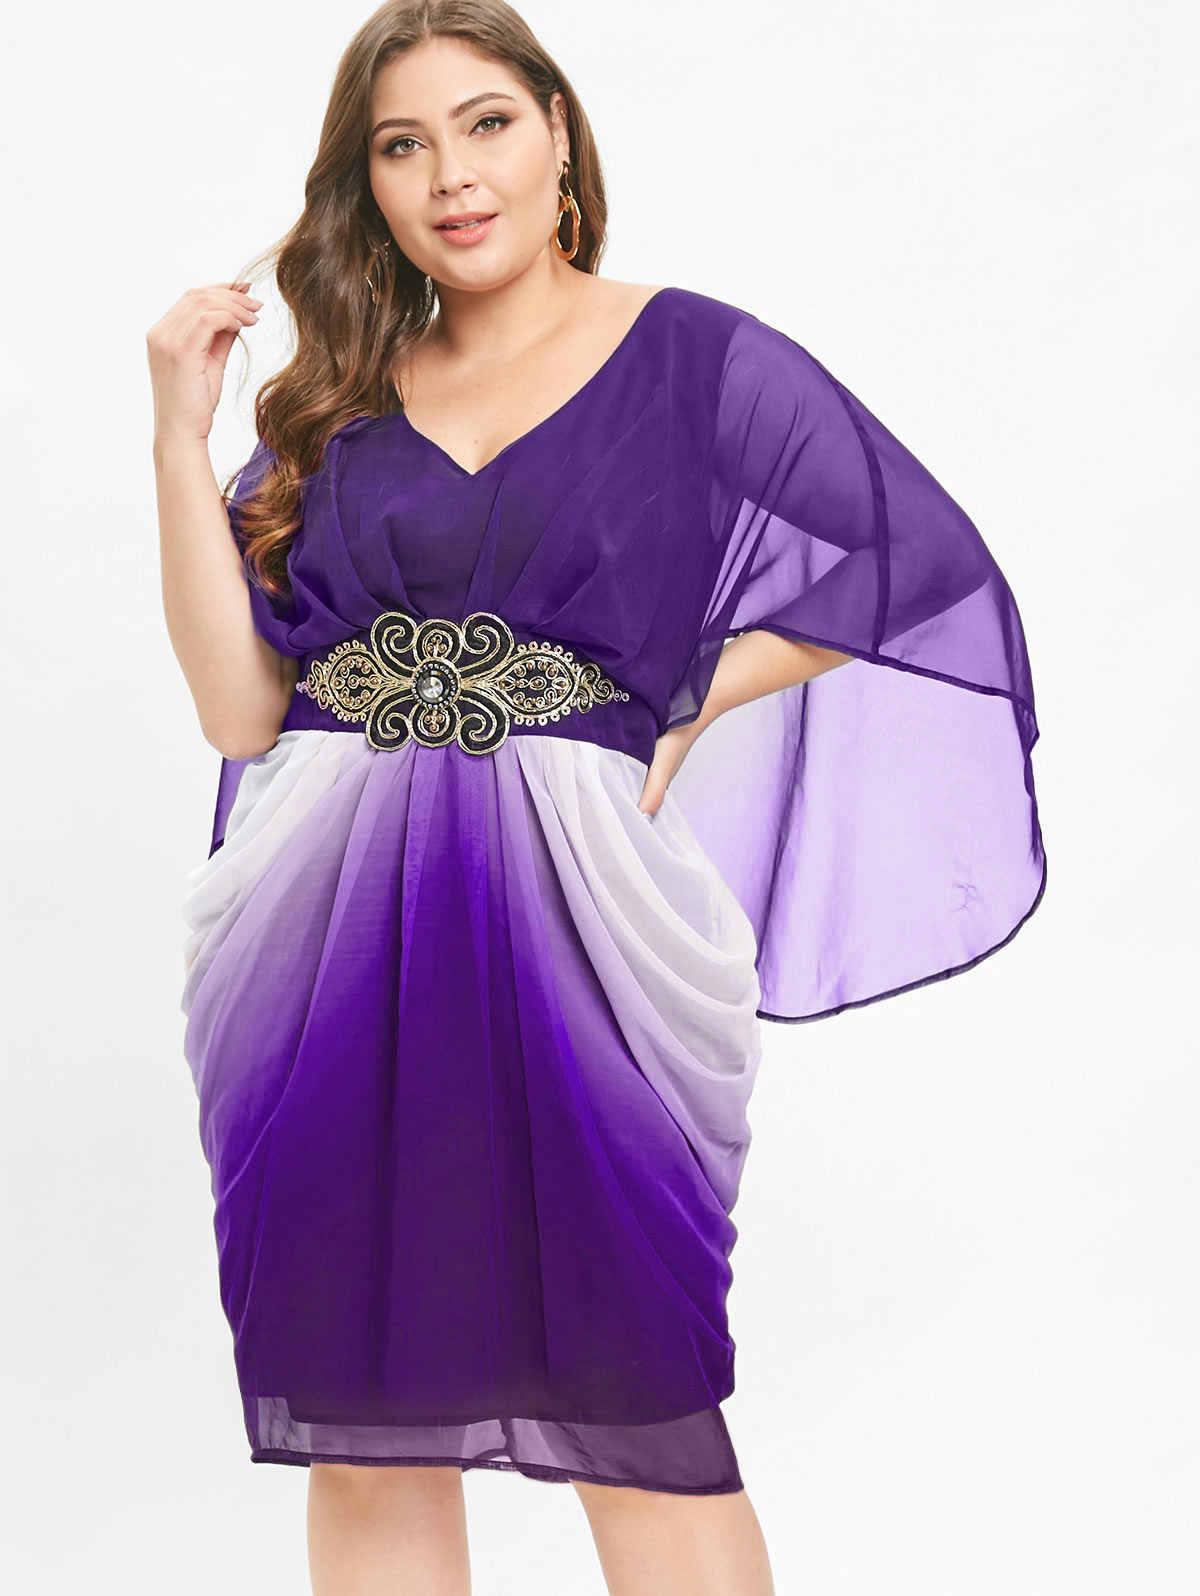 Wipalo/большие размеры 5XL, украшенное поясом, v-образный вырез, длина до колена, платье 3/4, длина рукава, градиент, элегантное шифоновое платье, вечерние платья